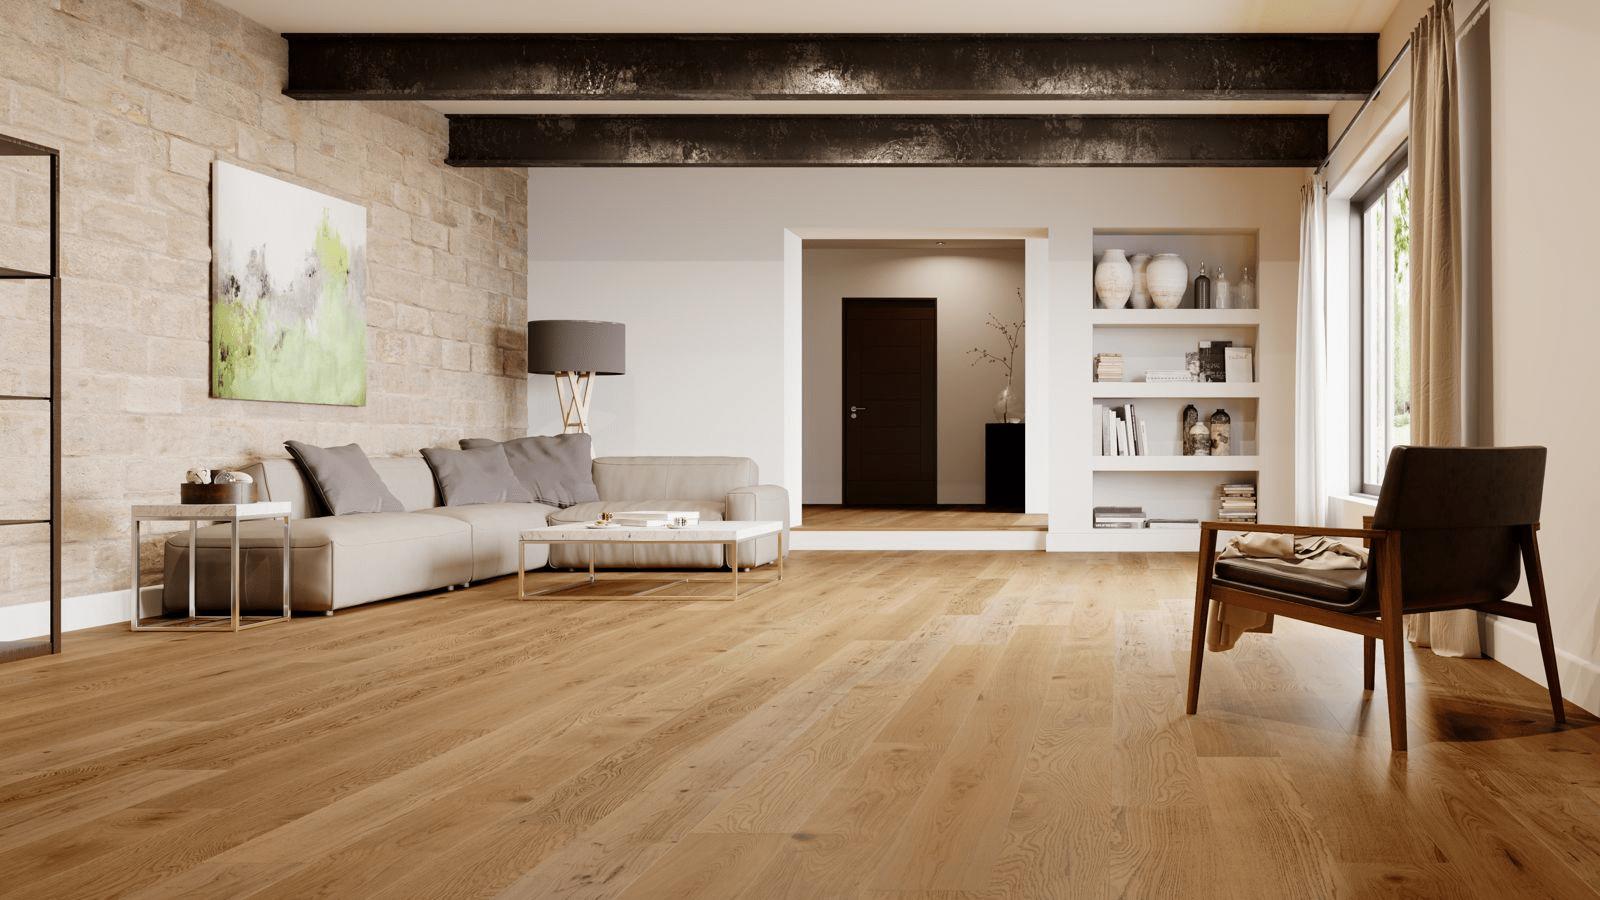 Sàn gỗ kỹ thuật có ngoại hình gần giống hoàn toàn sàn gỗ tự nhiên